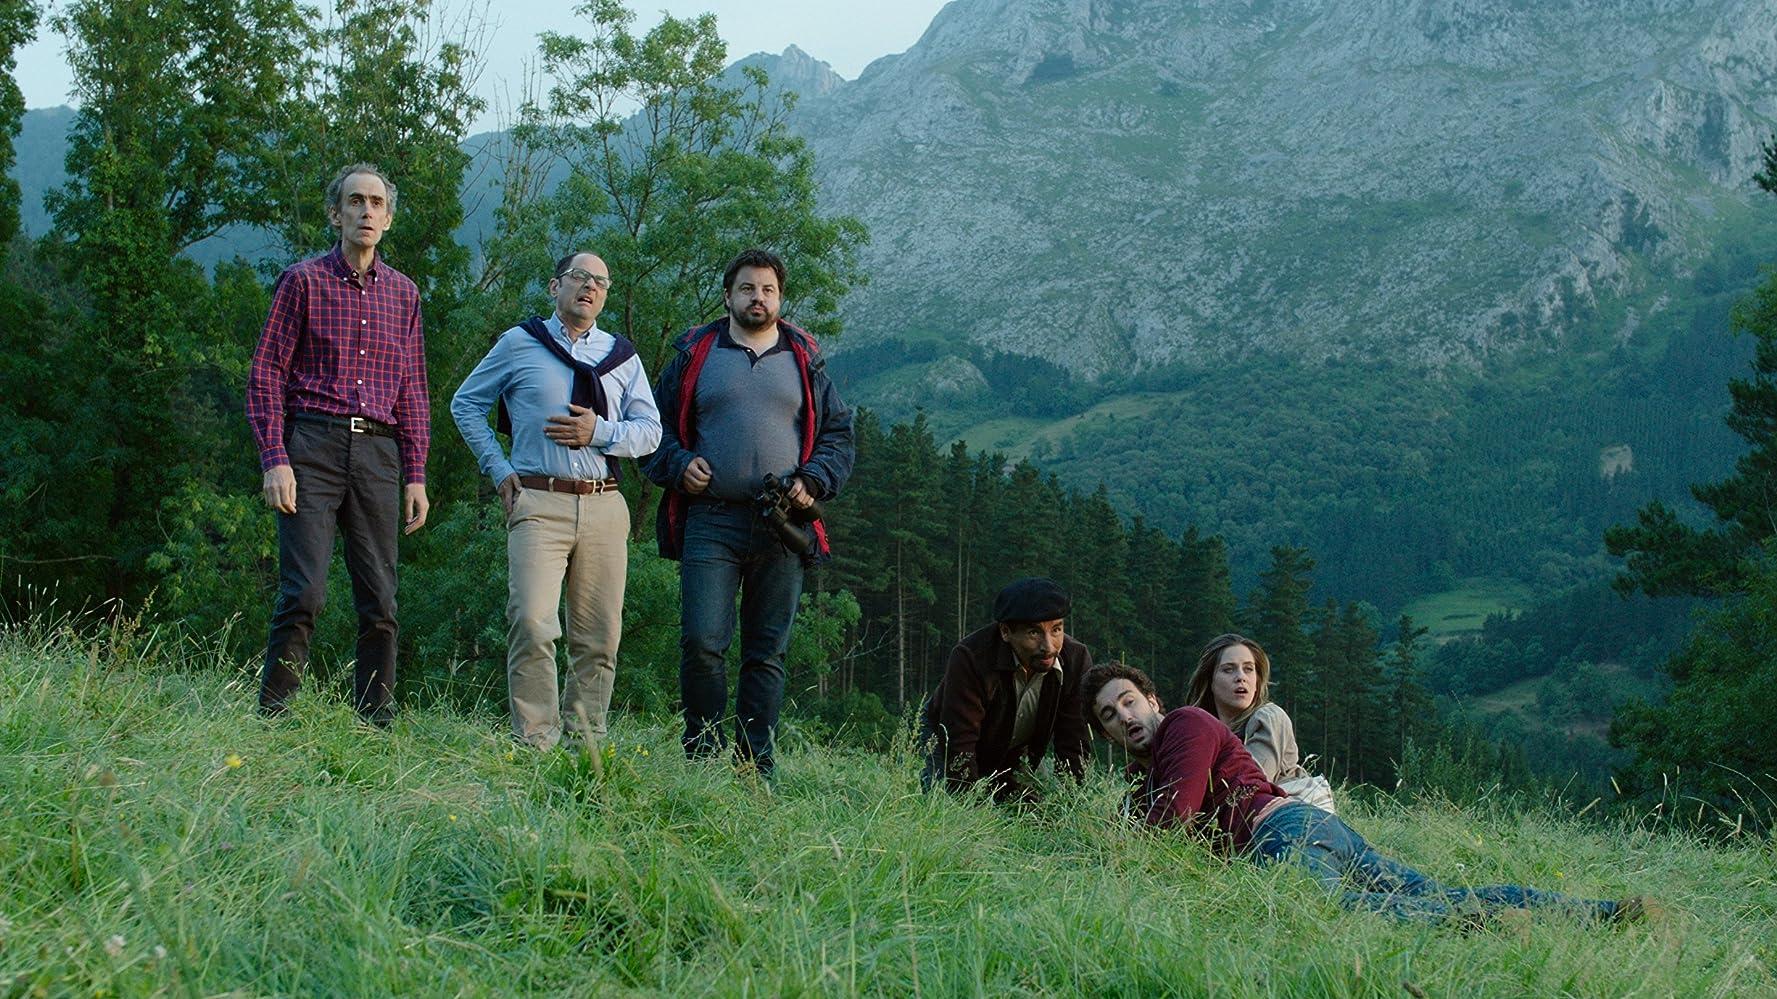 César Sarachu, Jordi Sánchez, Andoni Agirregomezkorta, María León, Miki Esparbé, y Juan Carlos Aduviri en Cuerpo de elite Pelicula Completa HD